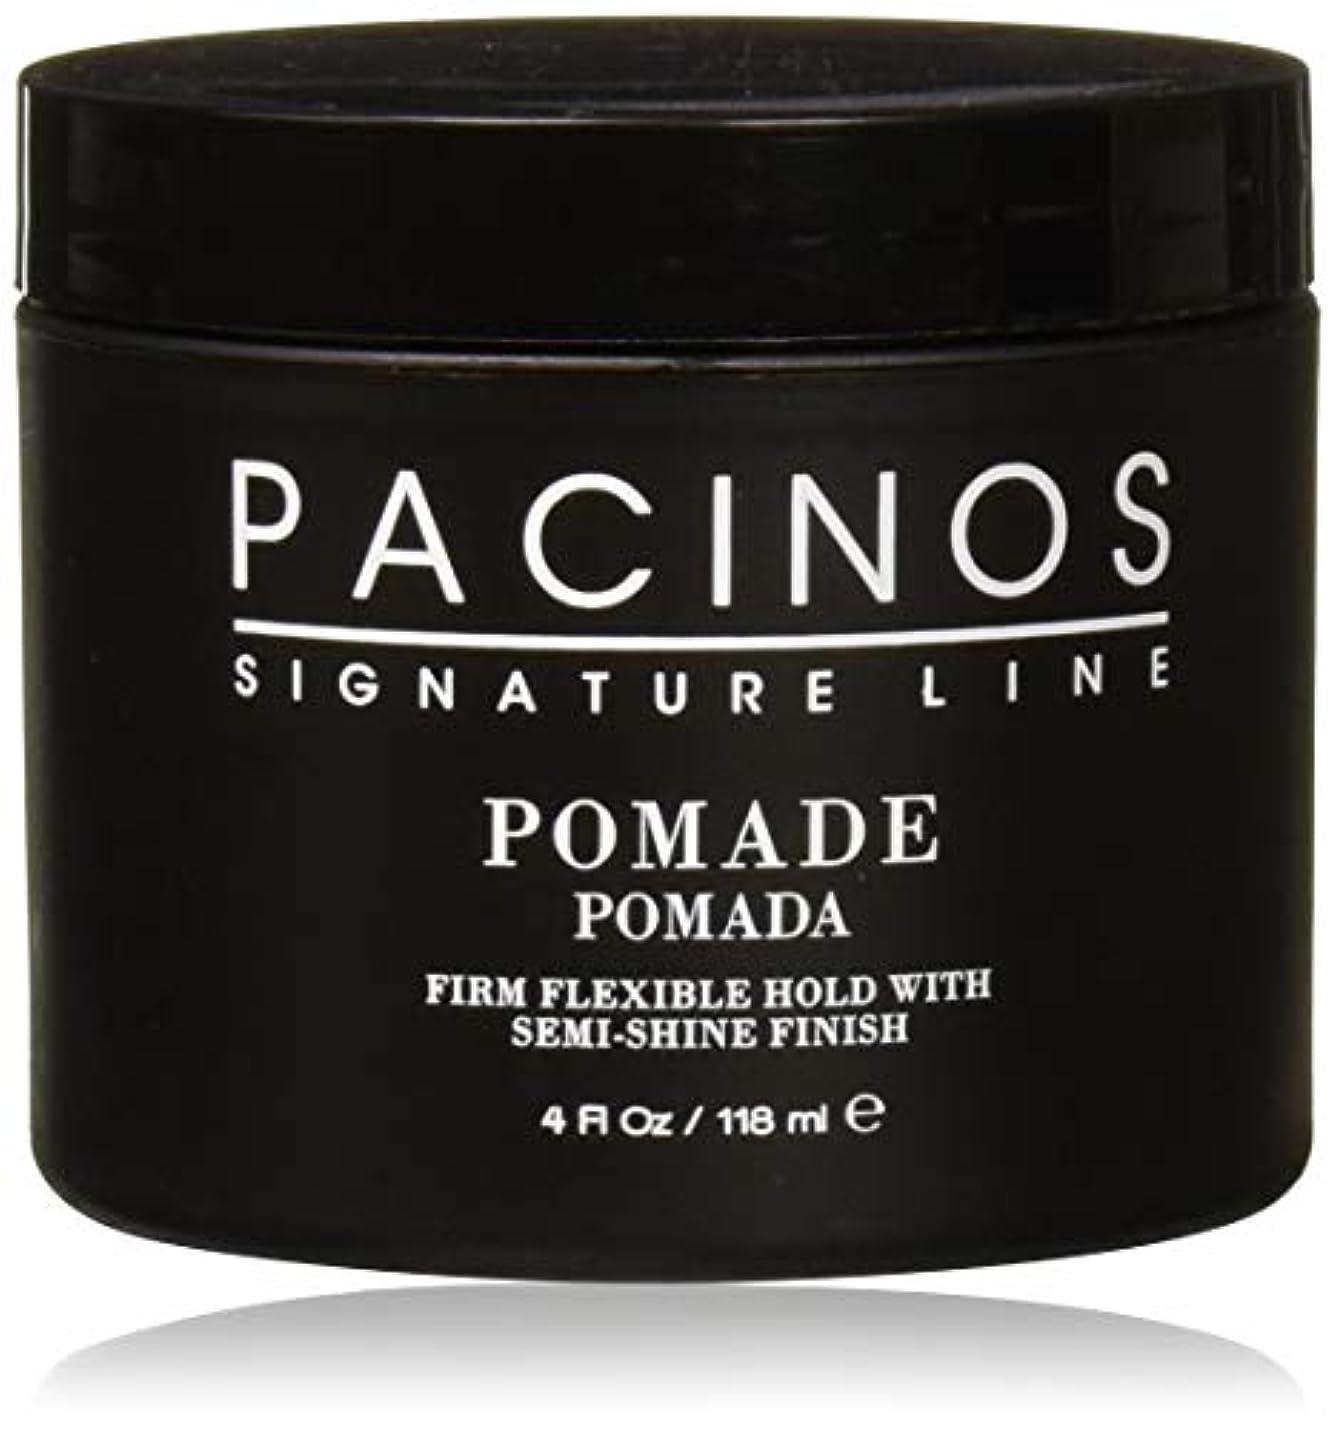 抜け目がない風景心理的にPacinos Pomade パチーノス?ポマード【日本正規品】4oz(118g)